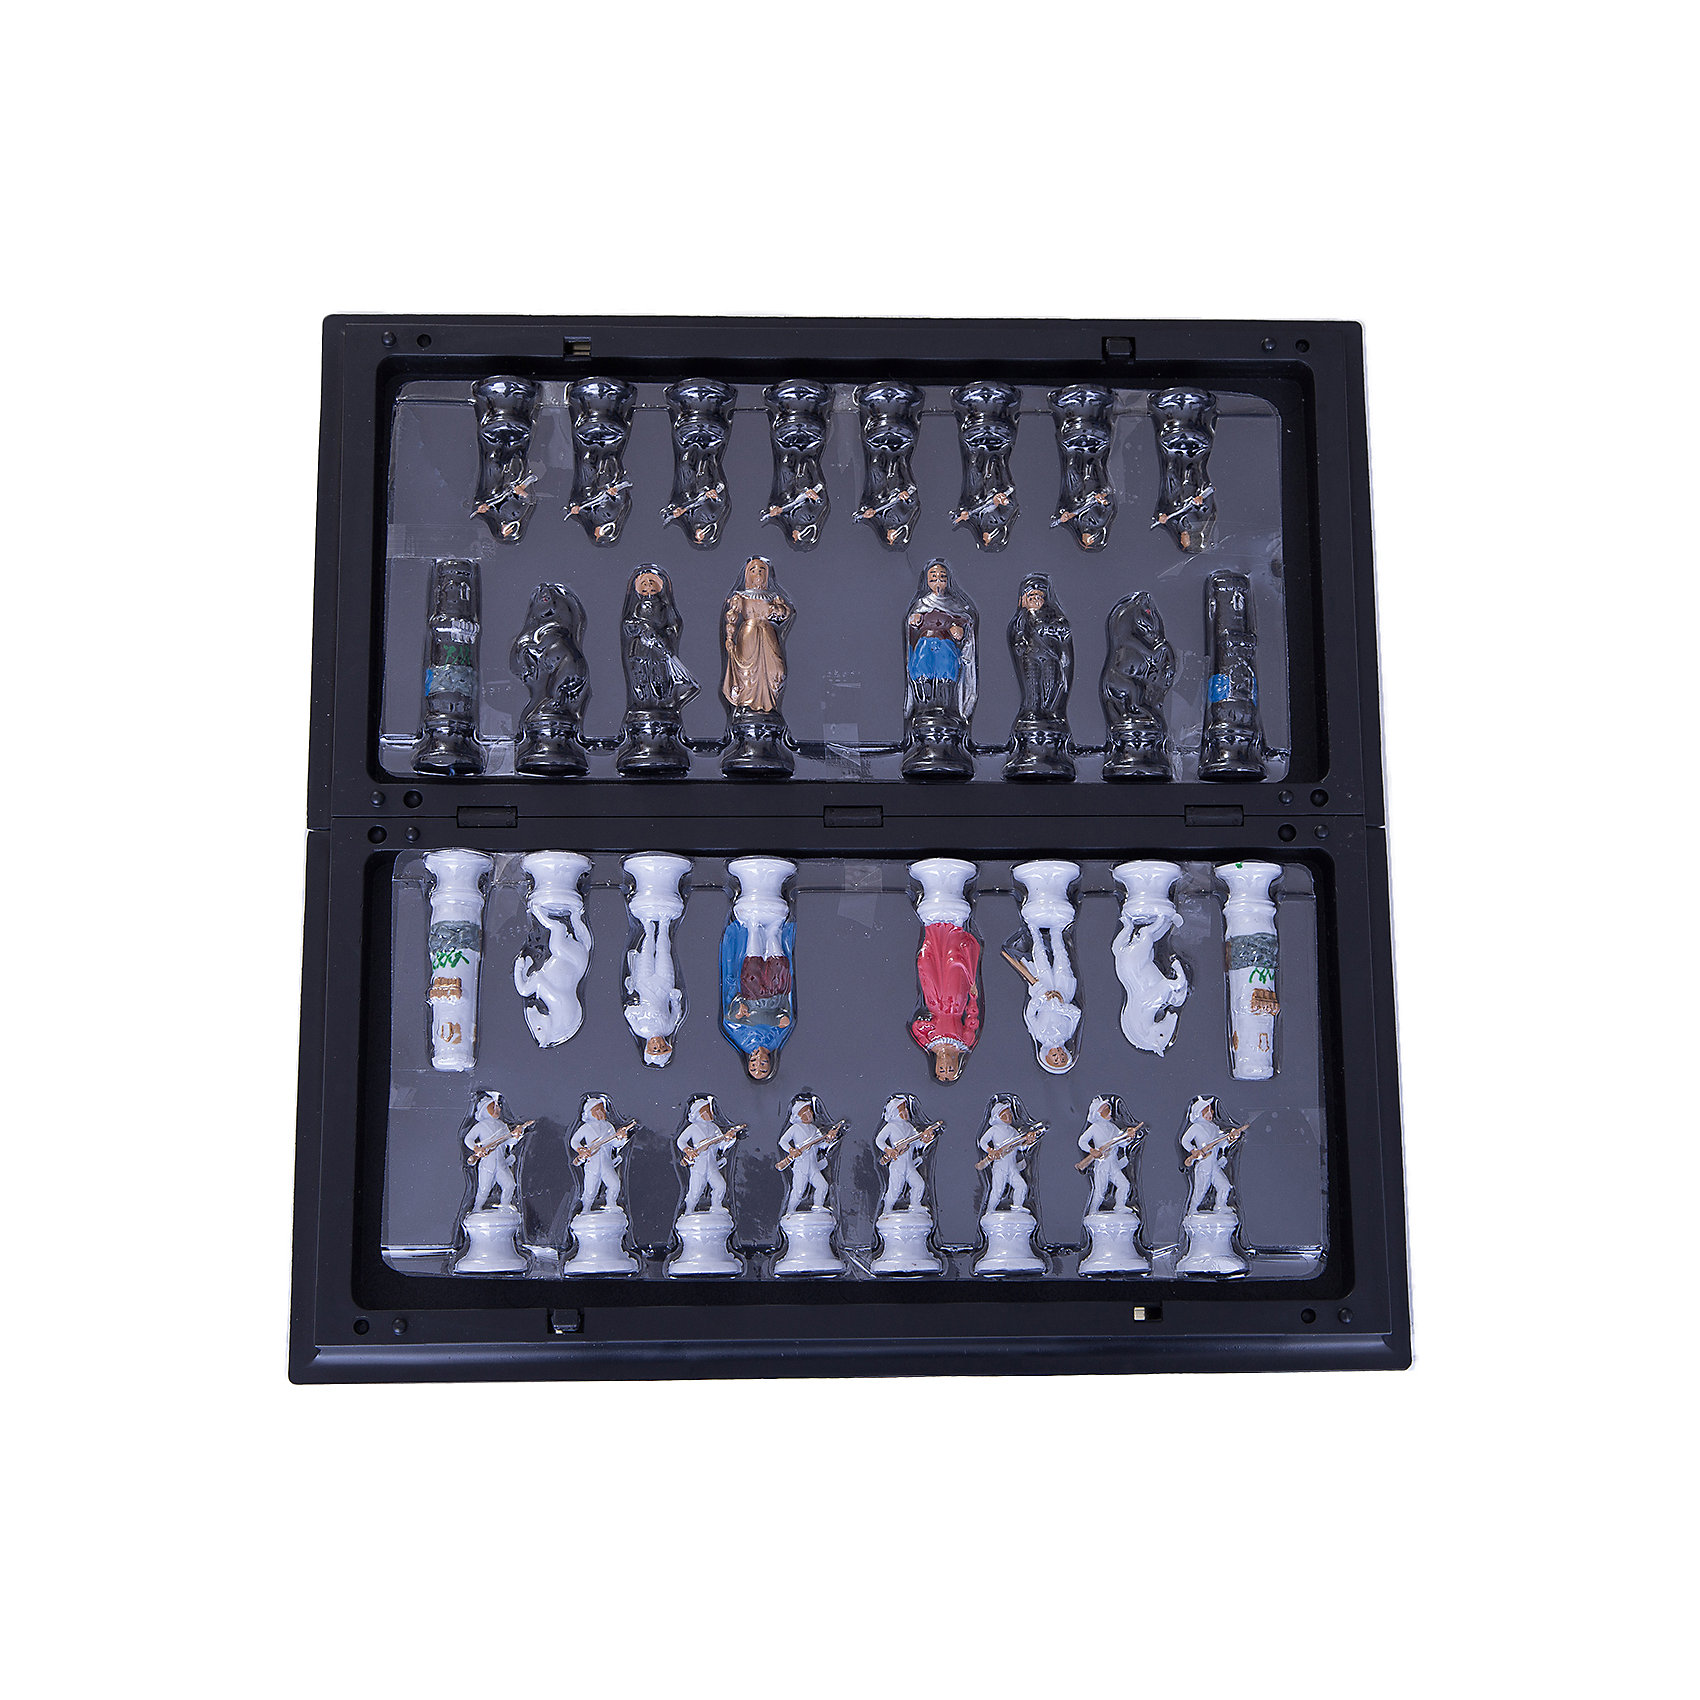 Шахматы магнитные, ABtoysНастольные игры<br>Шахматы магнитные, ABtoys (АБтойс) - это занимательная и очень увлекательная игра с необычными фигурками.<br>Шахматы от компании ABtoys (АБтойс) предназначены для интересного времяпрепровождения. Набор состоит из складного поля и фигурок, уникальный дизайн которых понравится не только детям, но и взрослым. Они очень удобны, так как имеют магнитную основу. В игру удобно играть как дома, так и в дороге. Логические настольные игры очень важны для гармоничного развития детей, ведь они помогают ребенку не только увлекательно провести время, но при этом стать внимательнее.<br><br>Дополнительная информация:<br><br>- В наборе: магнитная доска, шахматные фигурки на магнитах<br>- Материал: пластик, магниты<br>- Размер упаковки: 31 x 16 x 4 см.<br>- Вес: 500 гр.<br><br>Шахматы магнитные, ABtoys (АБтойс) можно купить в нашем интернет-магазине.<br><br>Ширина мм: 310<br>Глубина мм: 40<br>Высота мм: 160<br>Вес г: 500<br>Возраст от месяцев: 36<br>Возраст до месяцев: 1188<br>Пол: Унисекс<br>Возраст: Детский<br>SKU: 4622669